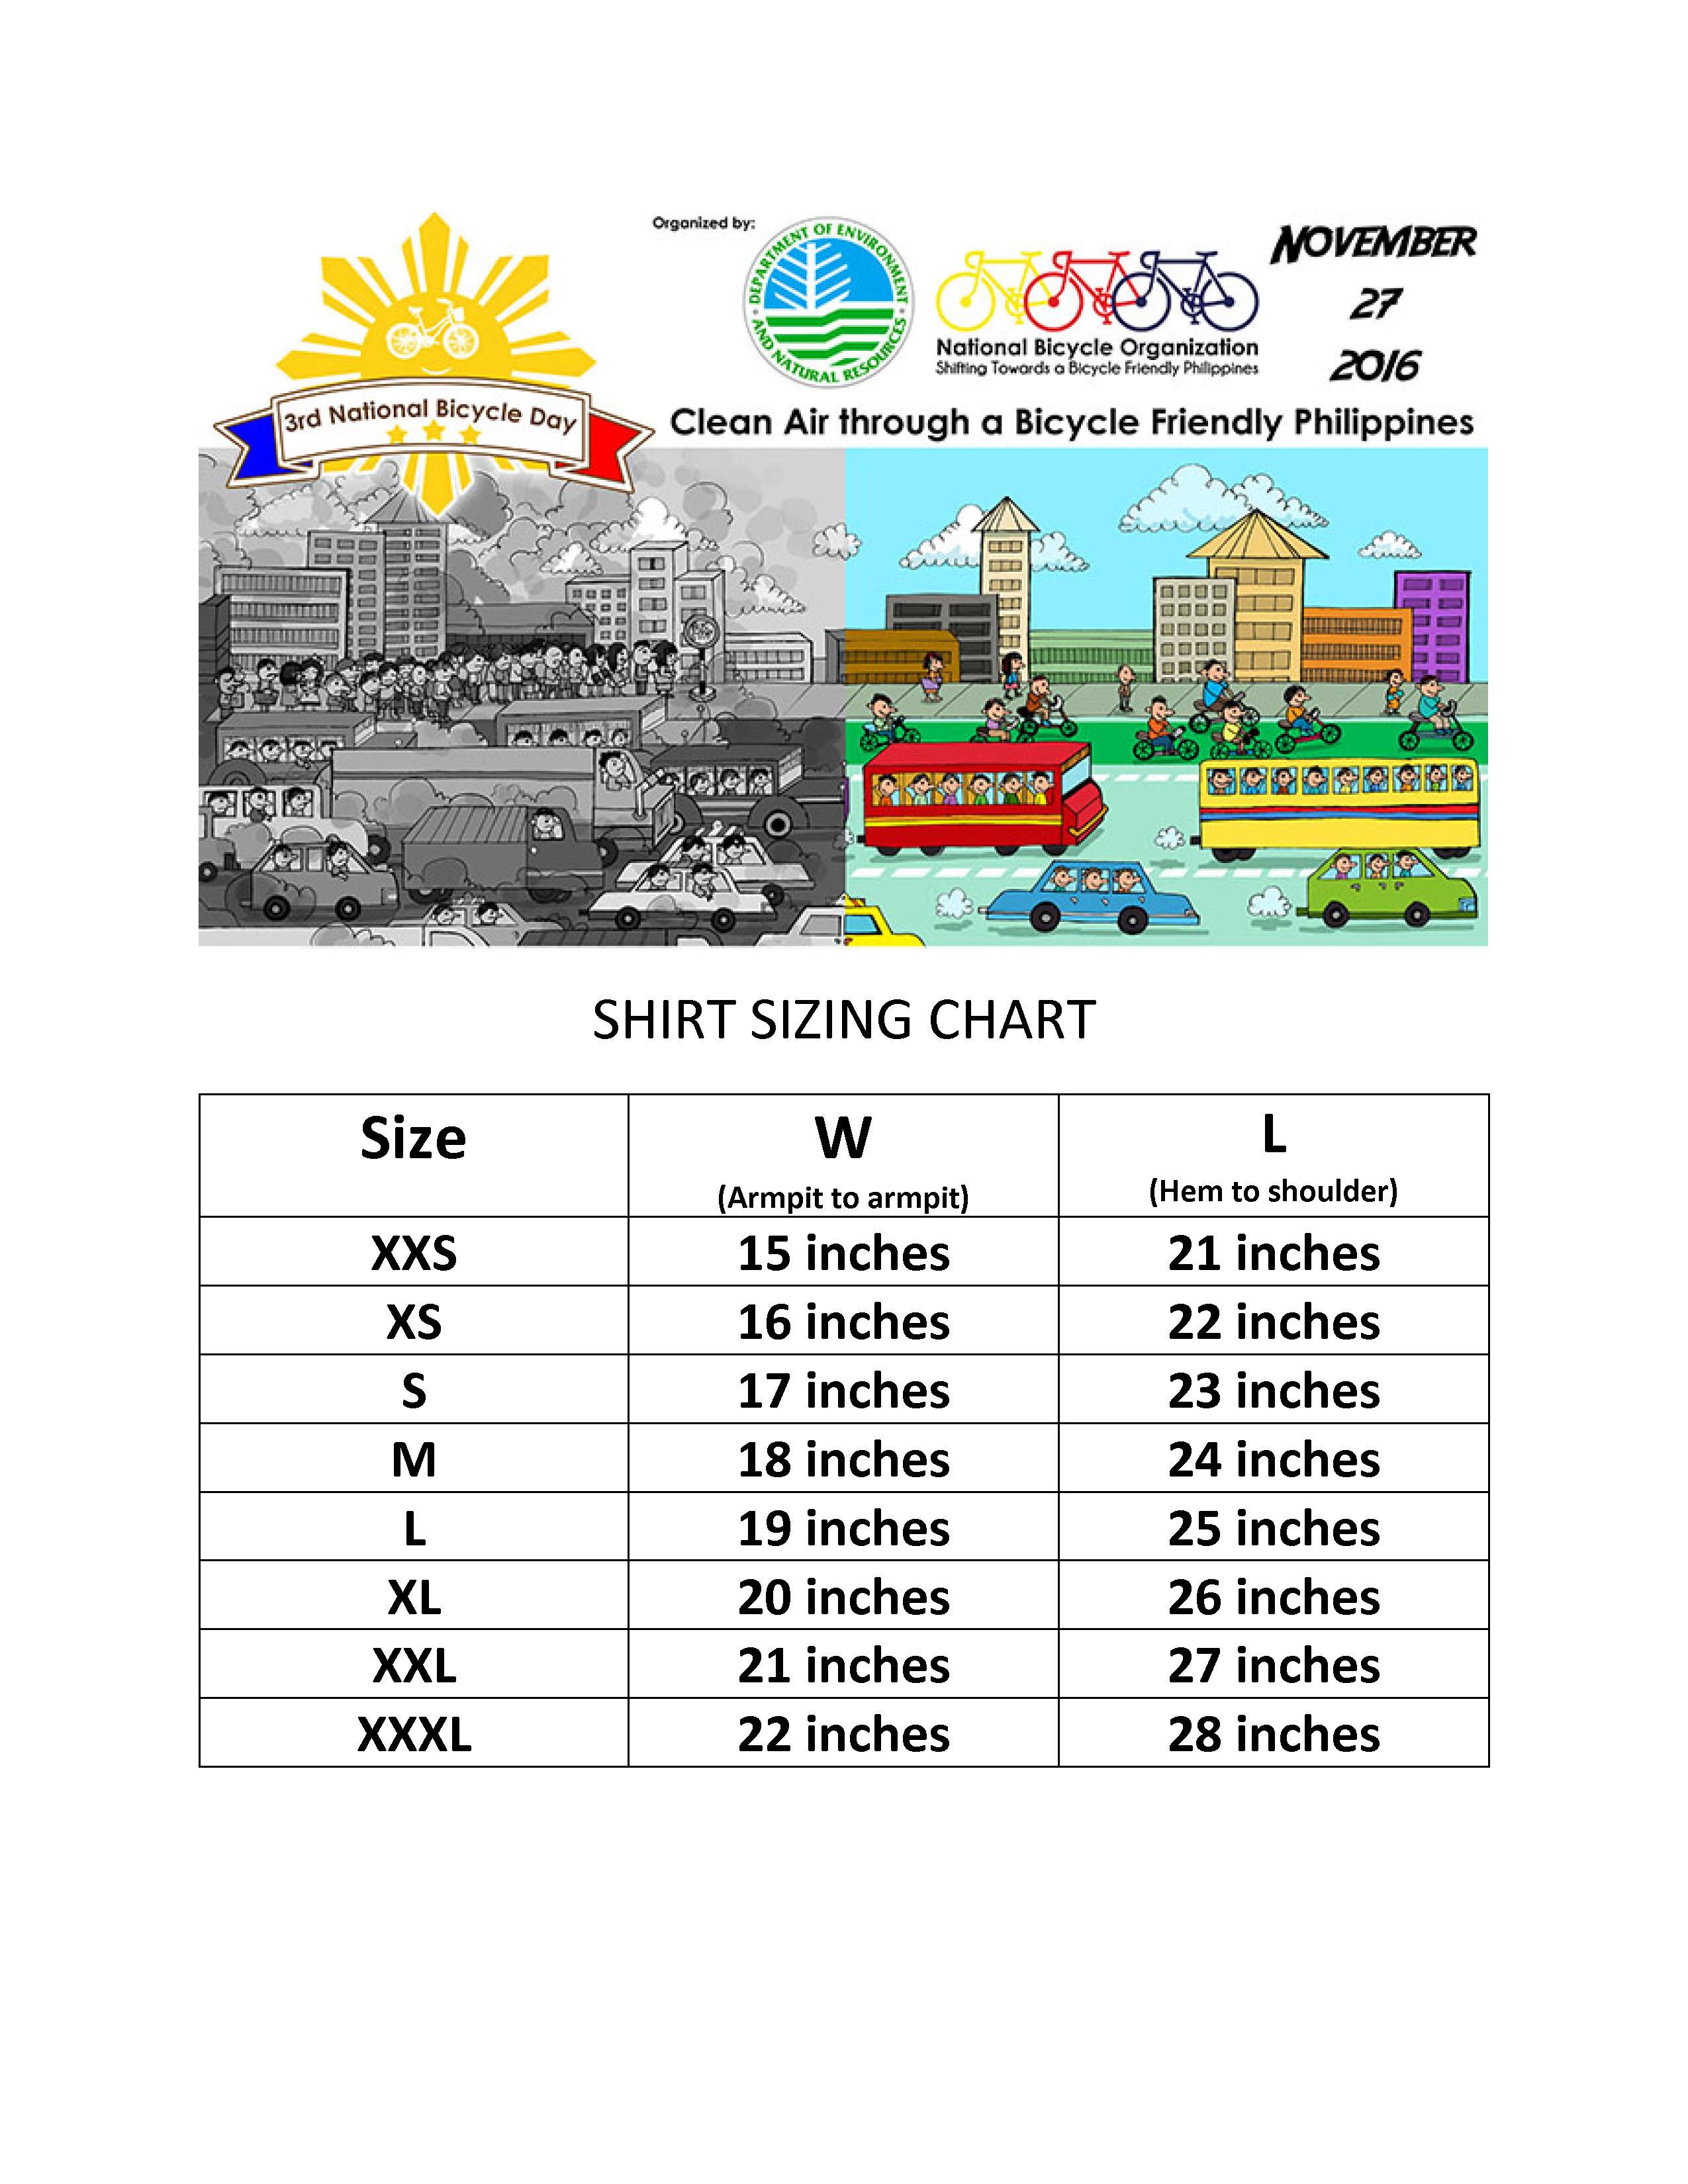 shirt-sizing-chart